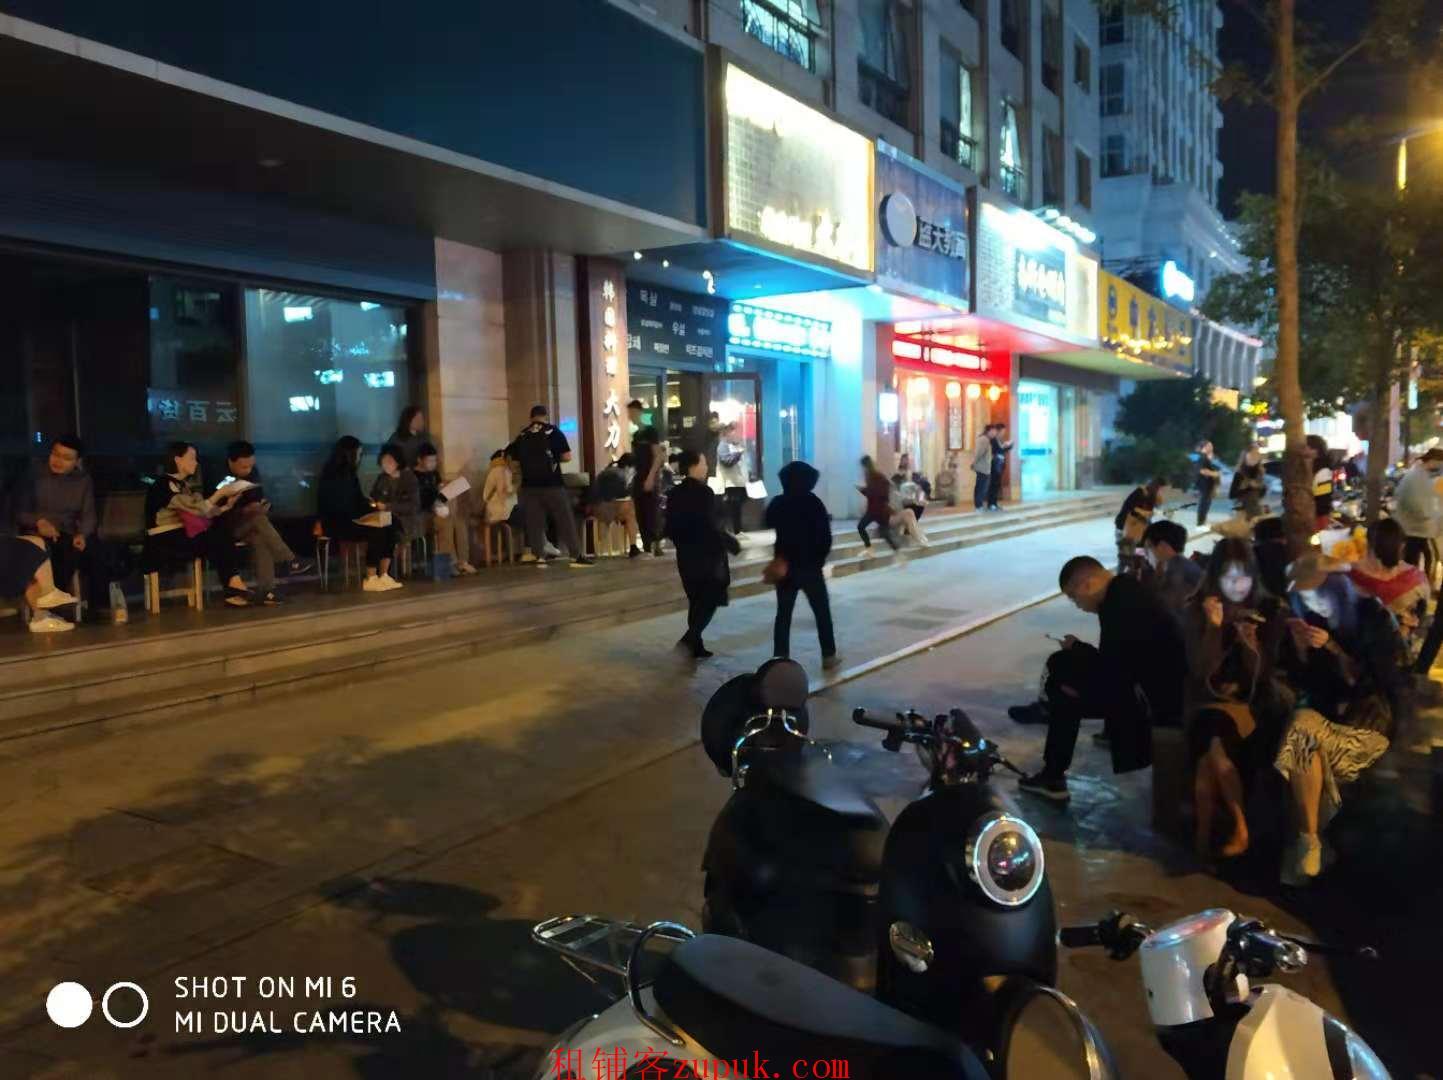 上城区定安路西湖大道沿街十字路口执照齐全客流稳定